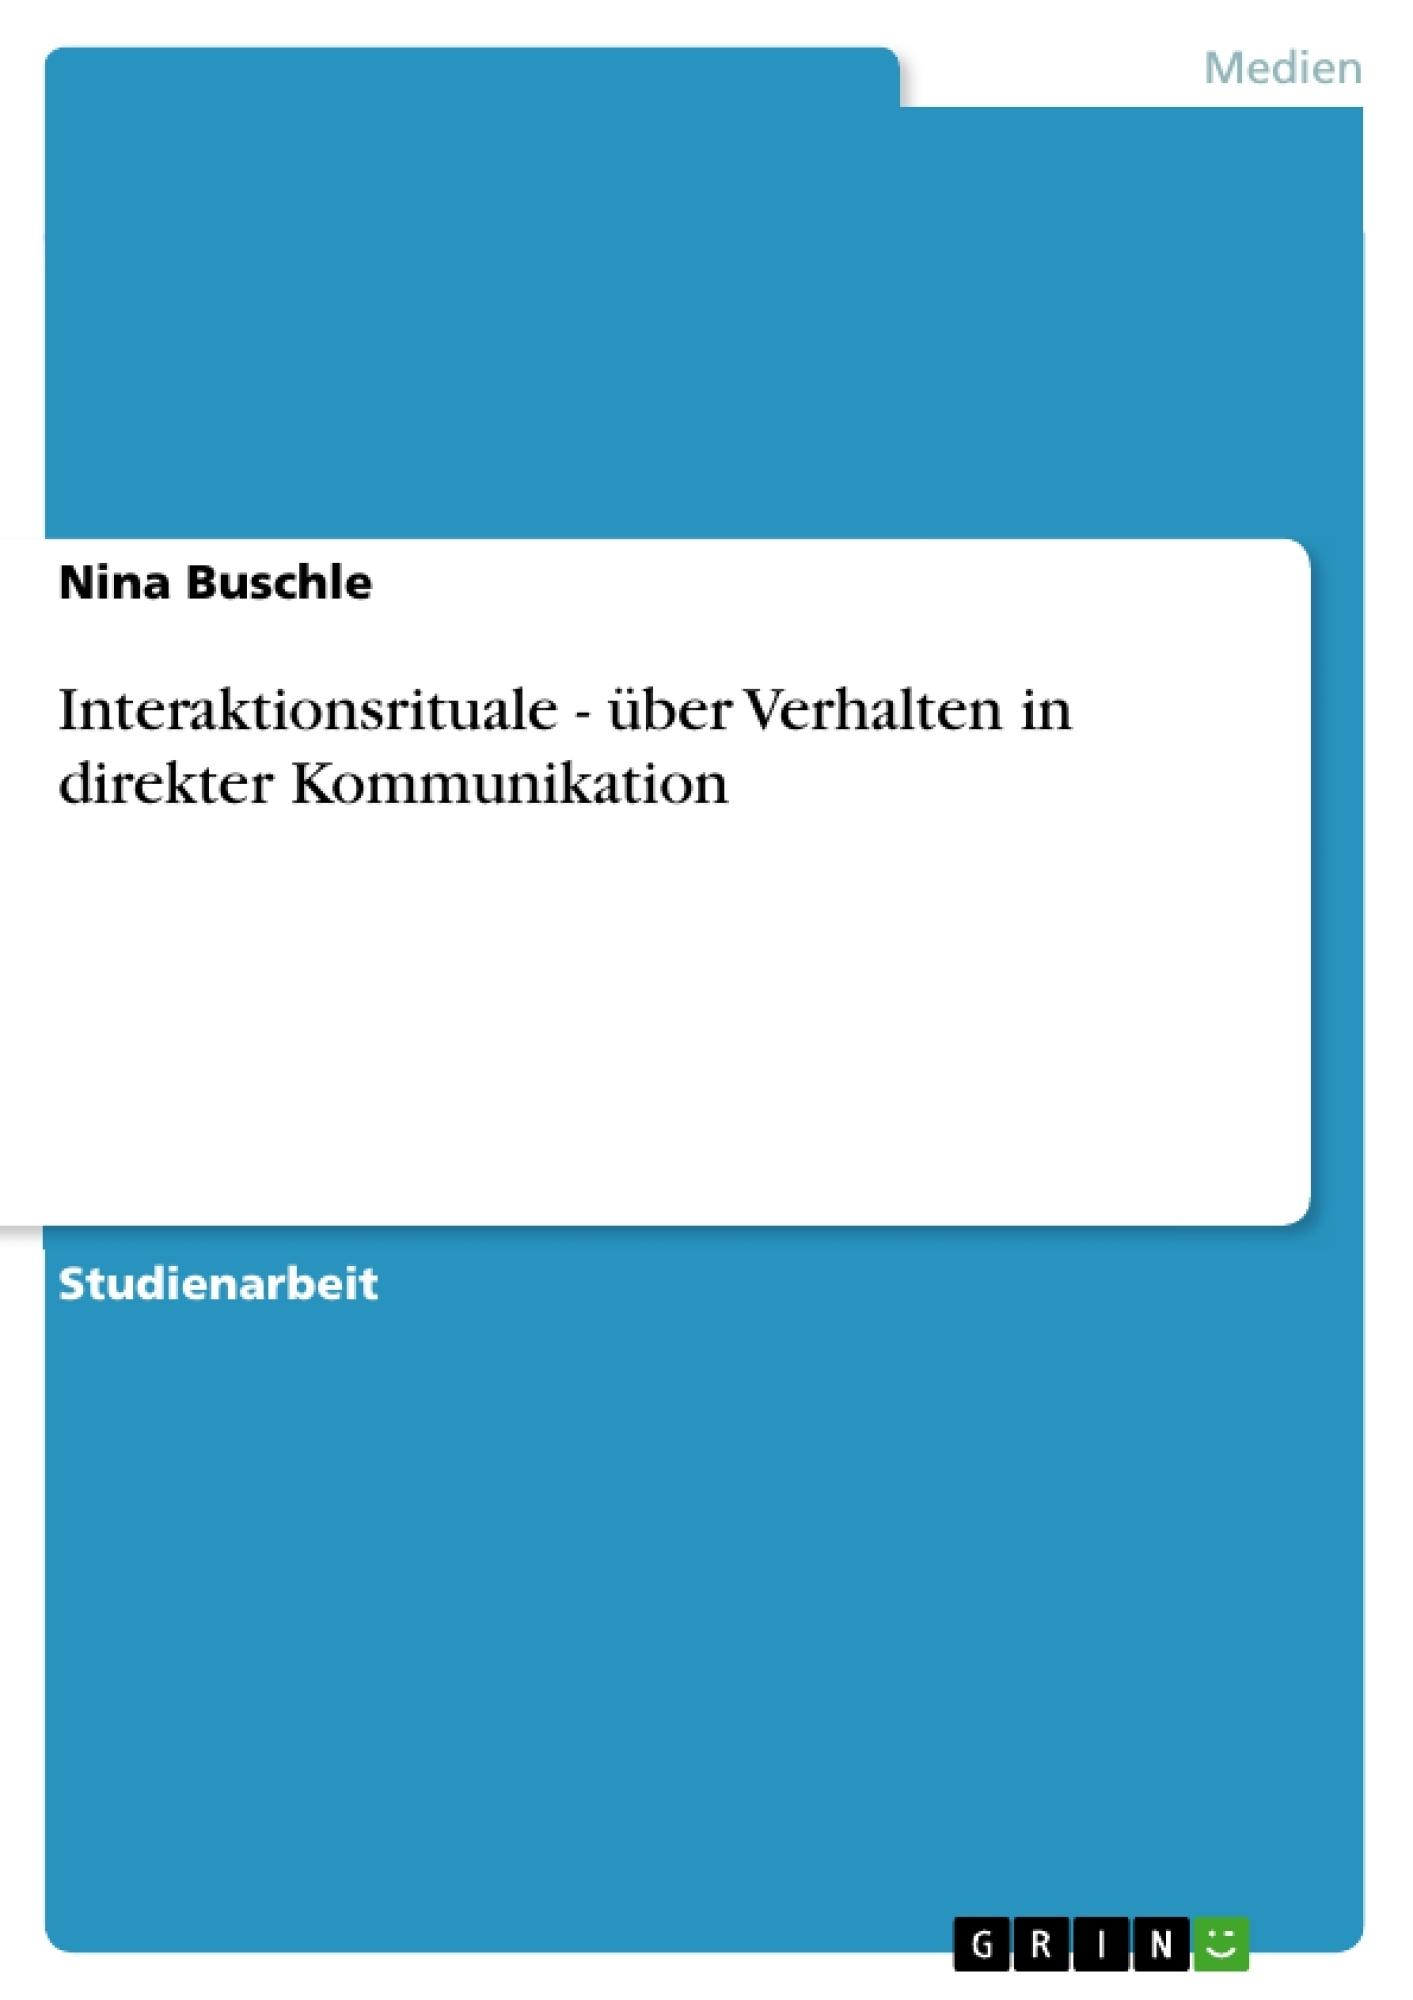 Titel: Interaktionsrituale - über Verhalten in direkter Kommunikation